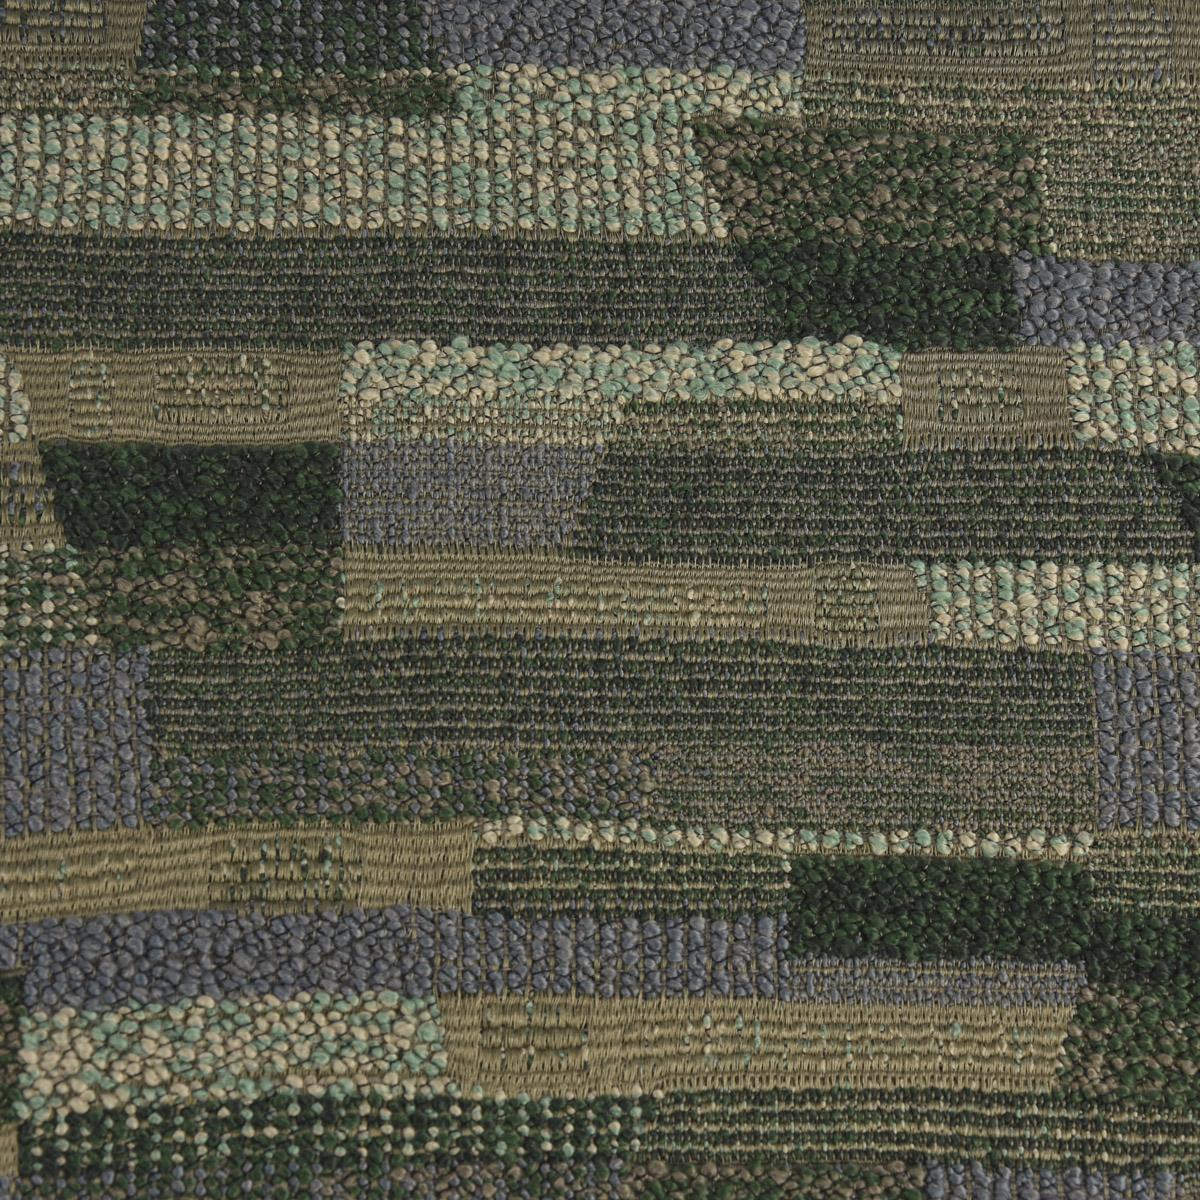 Bezugsstoff Möbelstoff Polsterstoff Flachgewebe Angelique forest grün 140cm breit